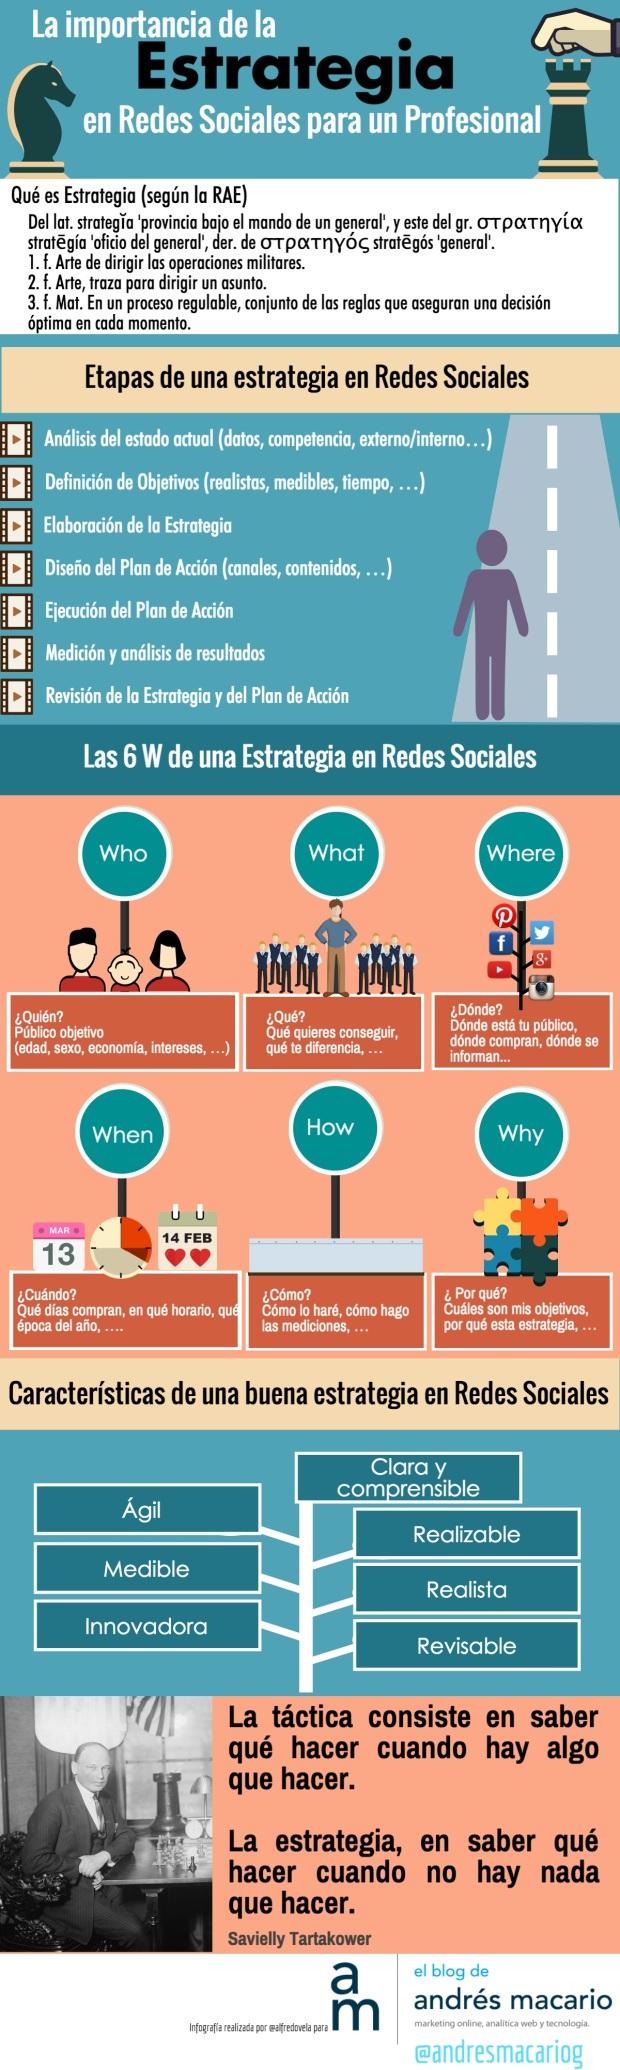 Redes Sociales: la importancia de la Estrategia